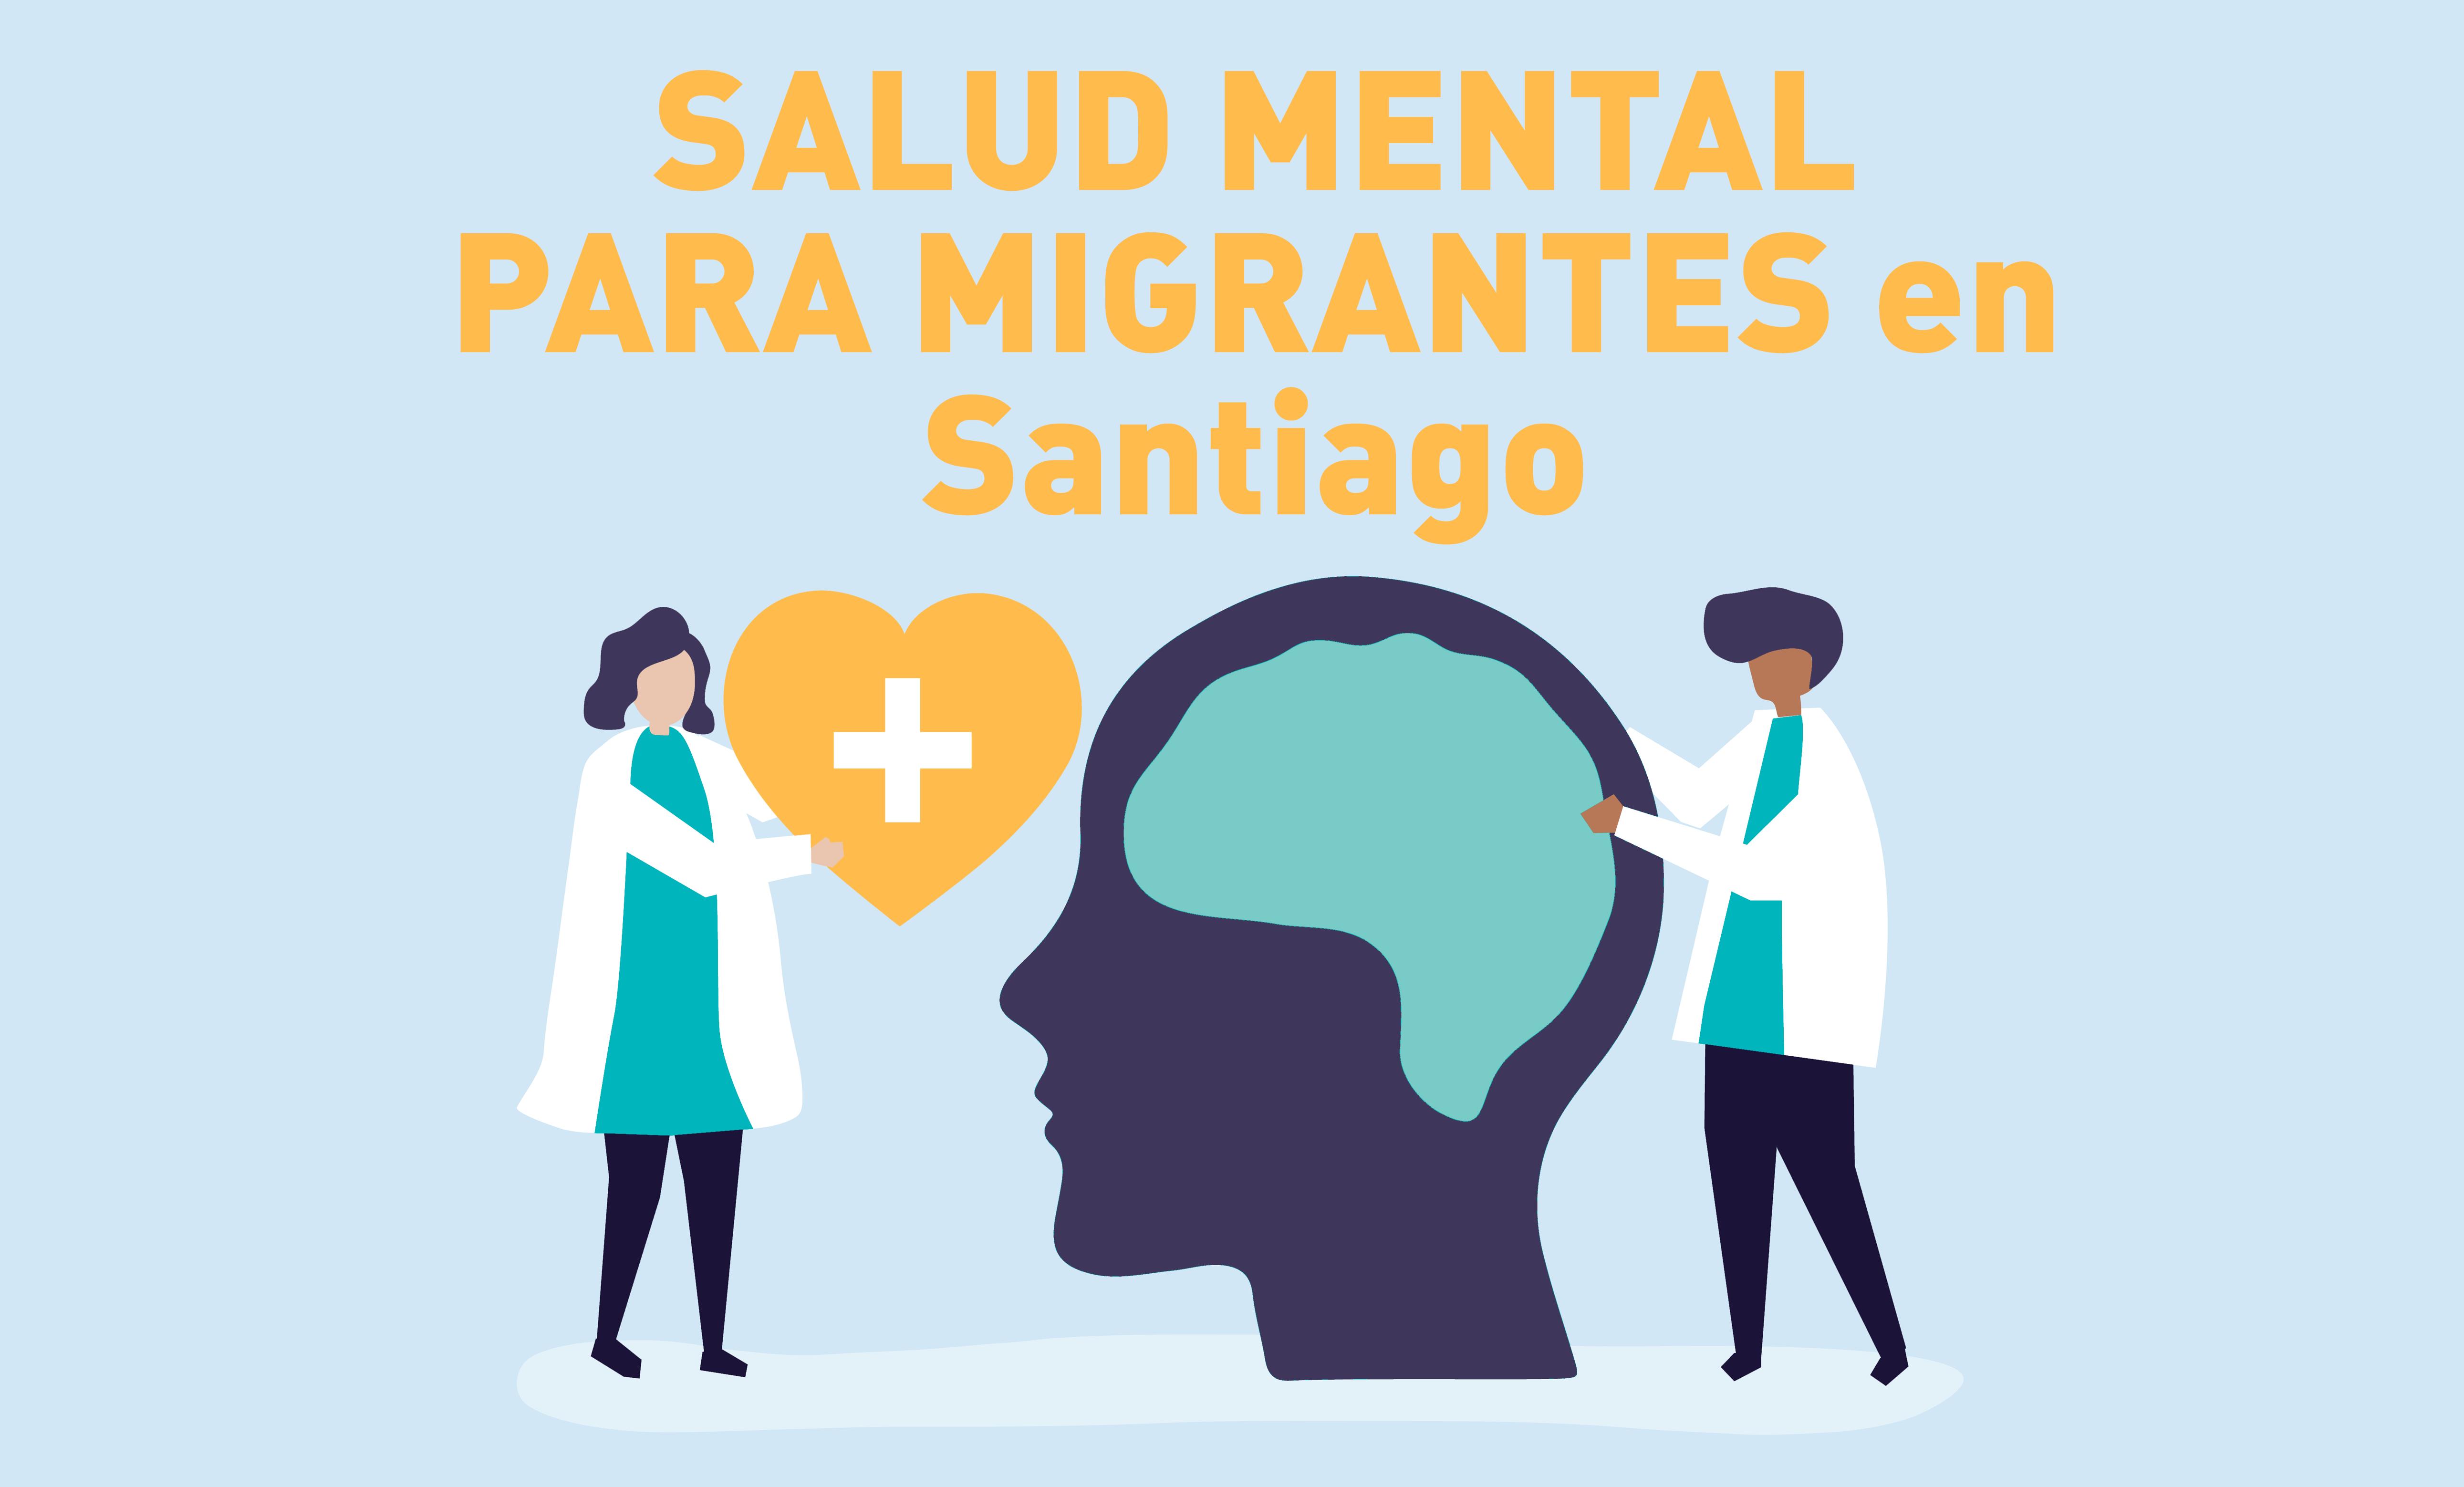 Salud Mental Para Personas Migrantes en Santiago de Chile